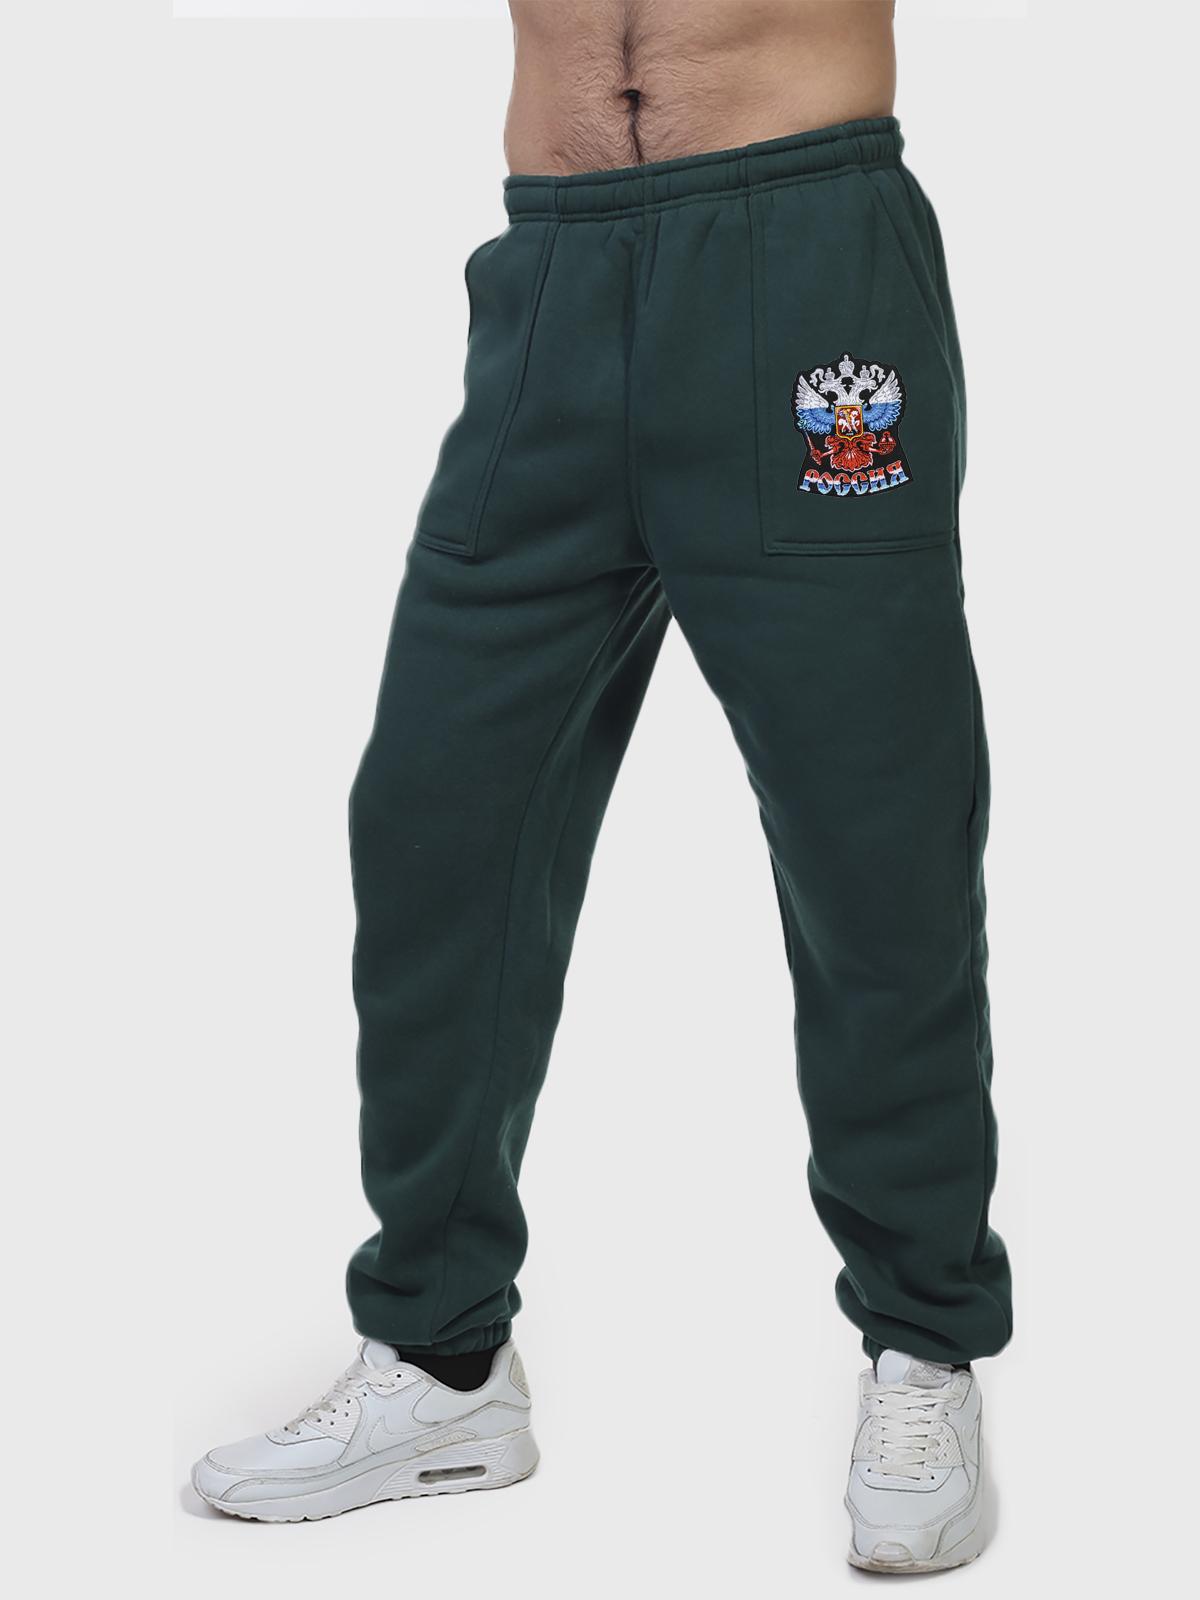 Флисовые спортивные штаны с шевроном РОССИЯ и удобными карманами